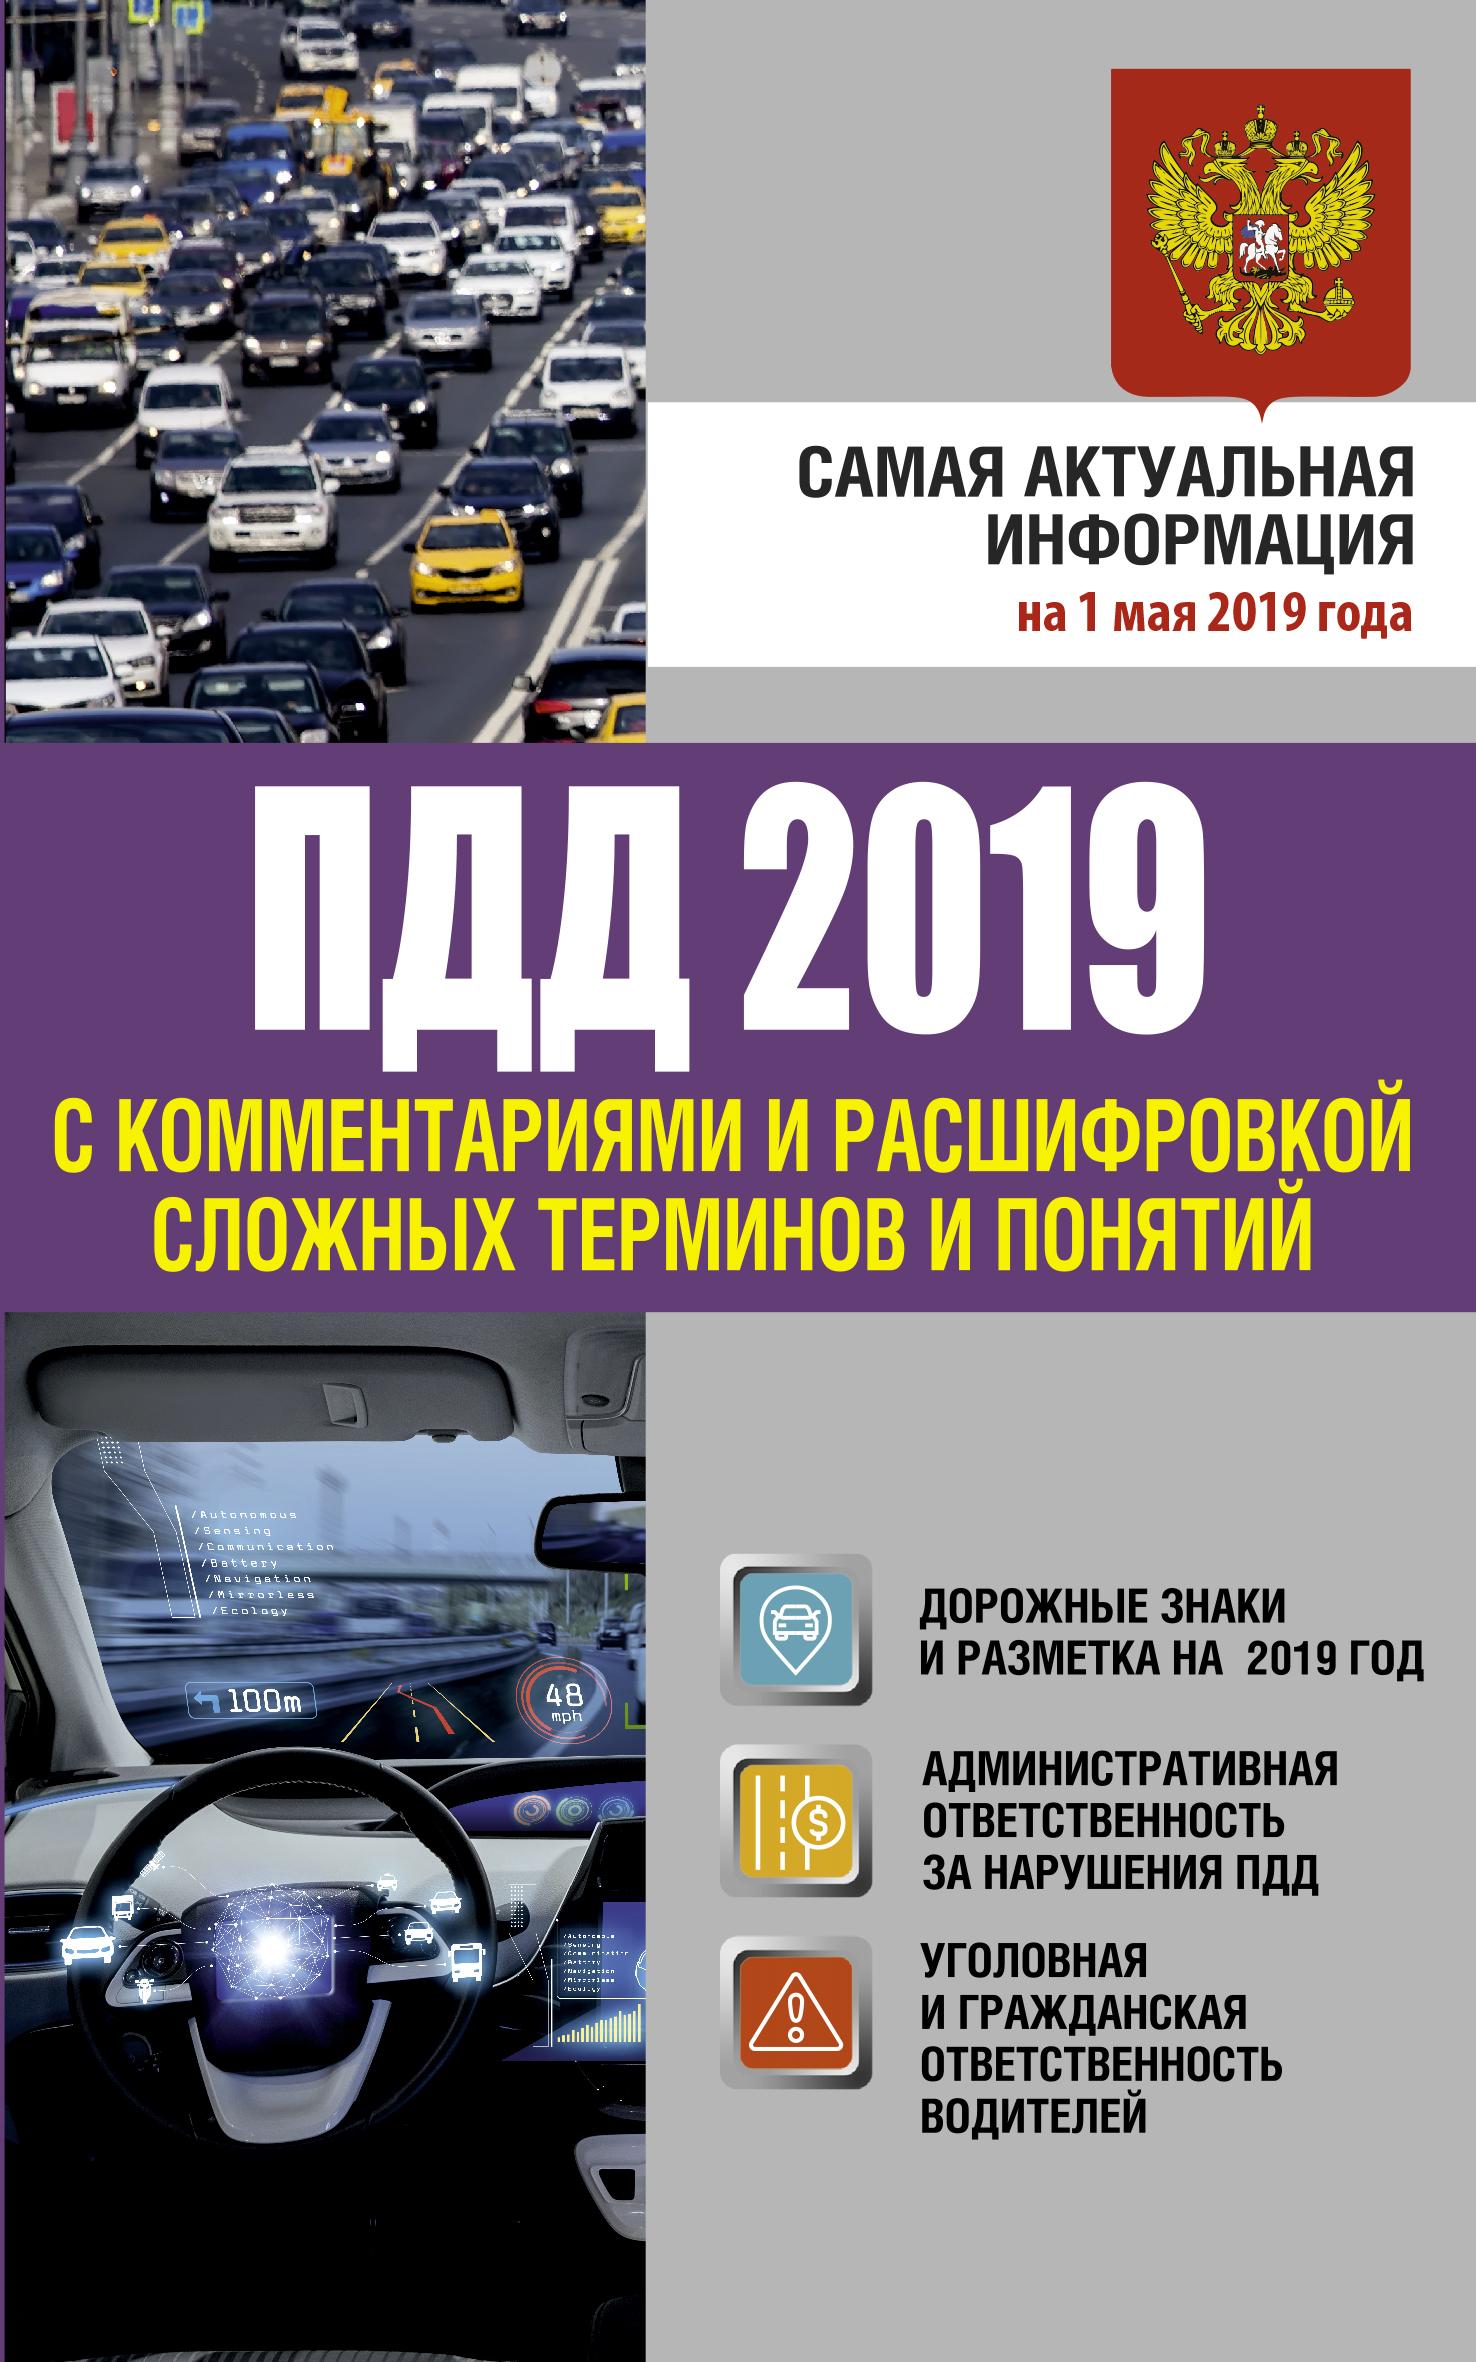 . Правила дорожного движения 2019 с комментариями и расшифровкой сложных терминов и понятий на 1 мая 2019 года